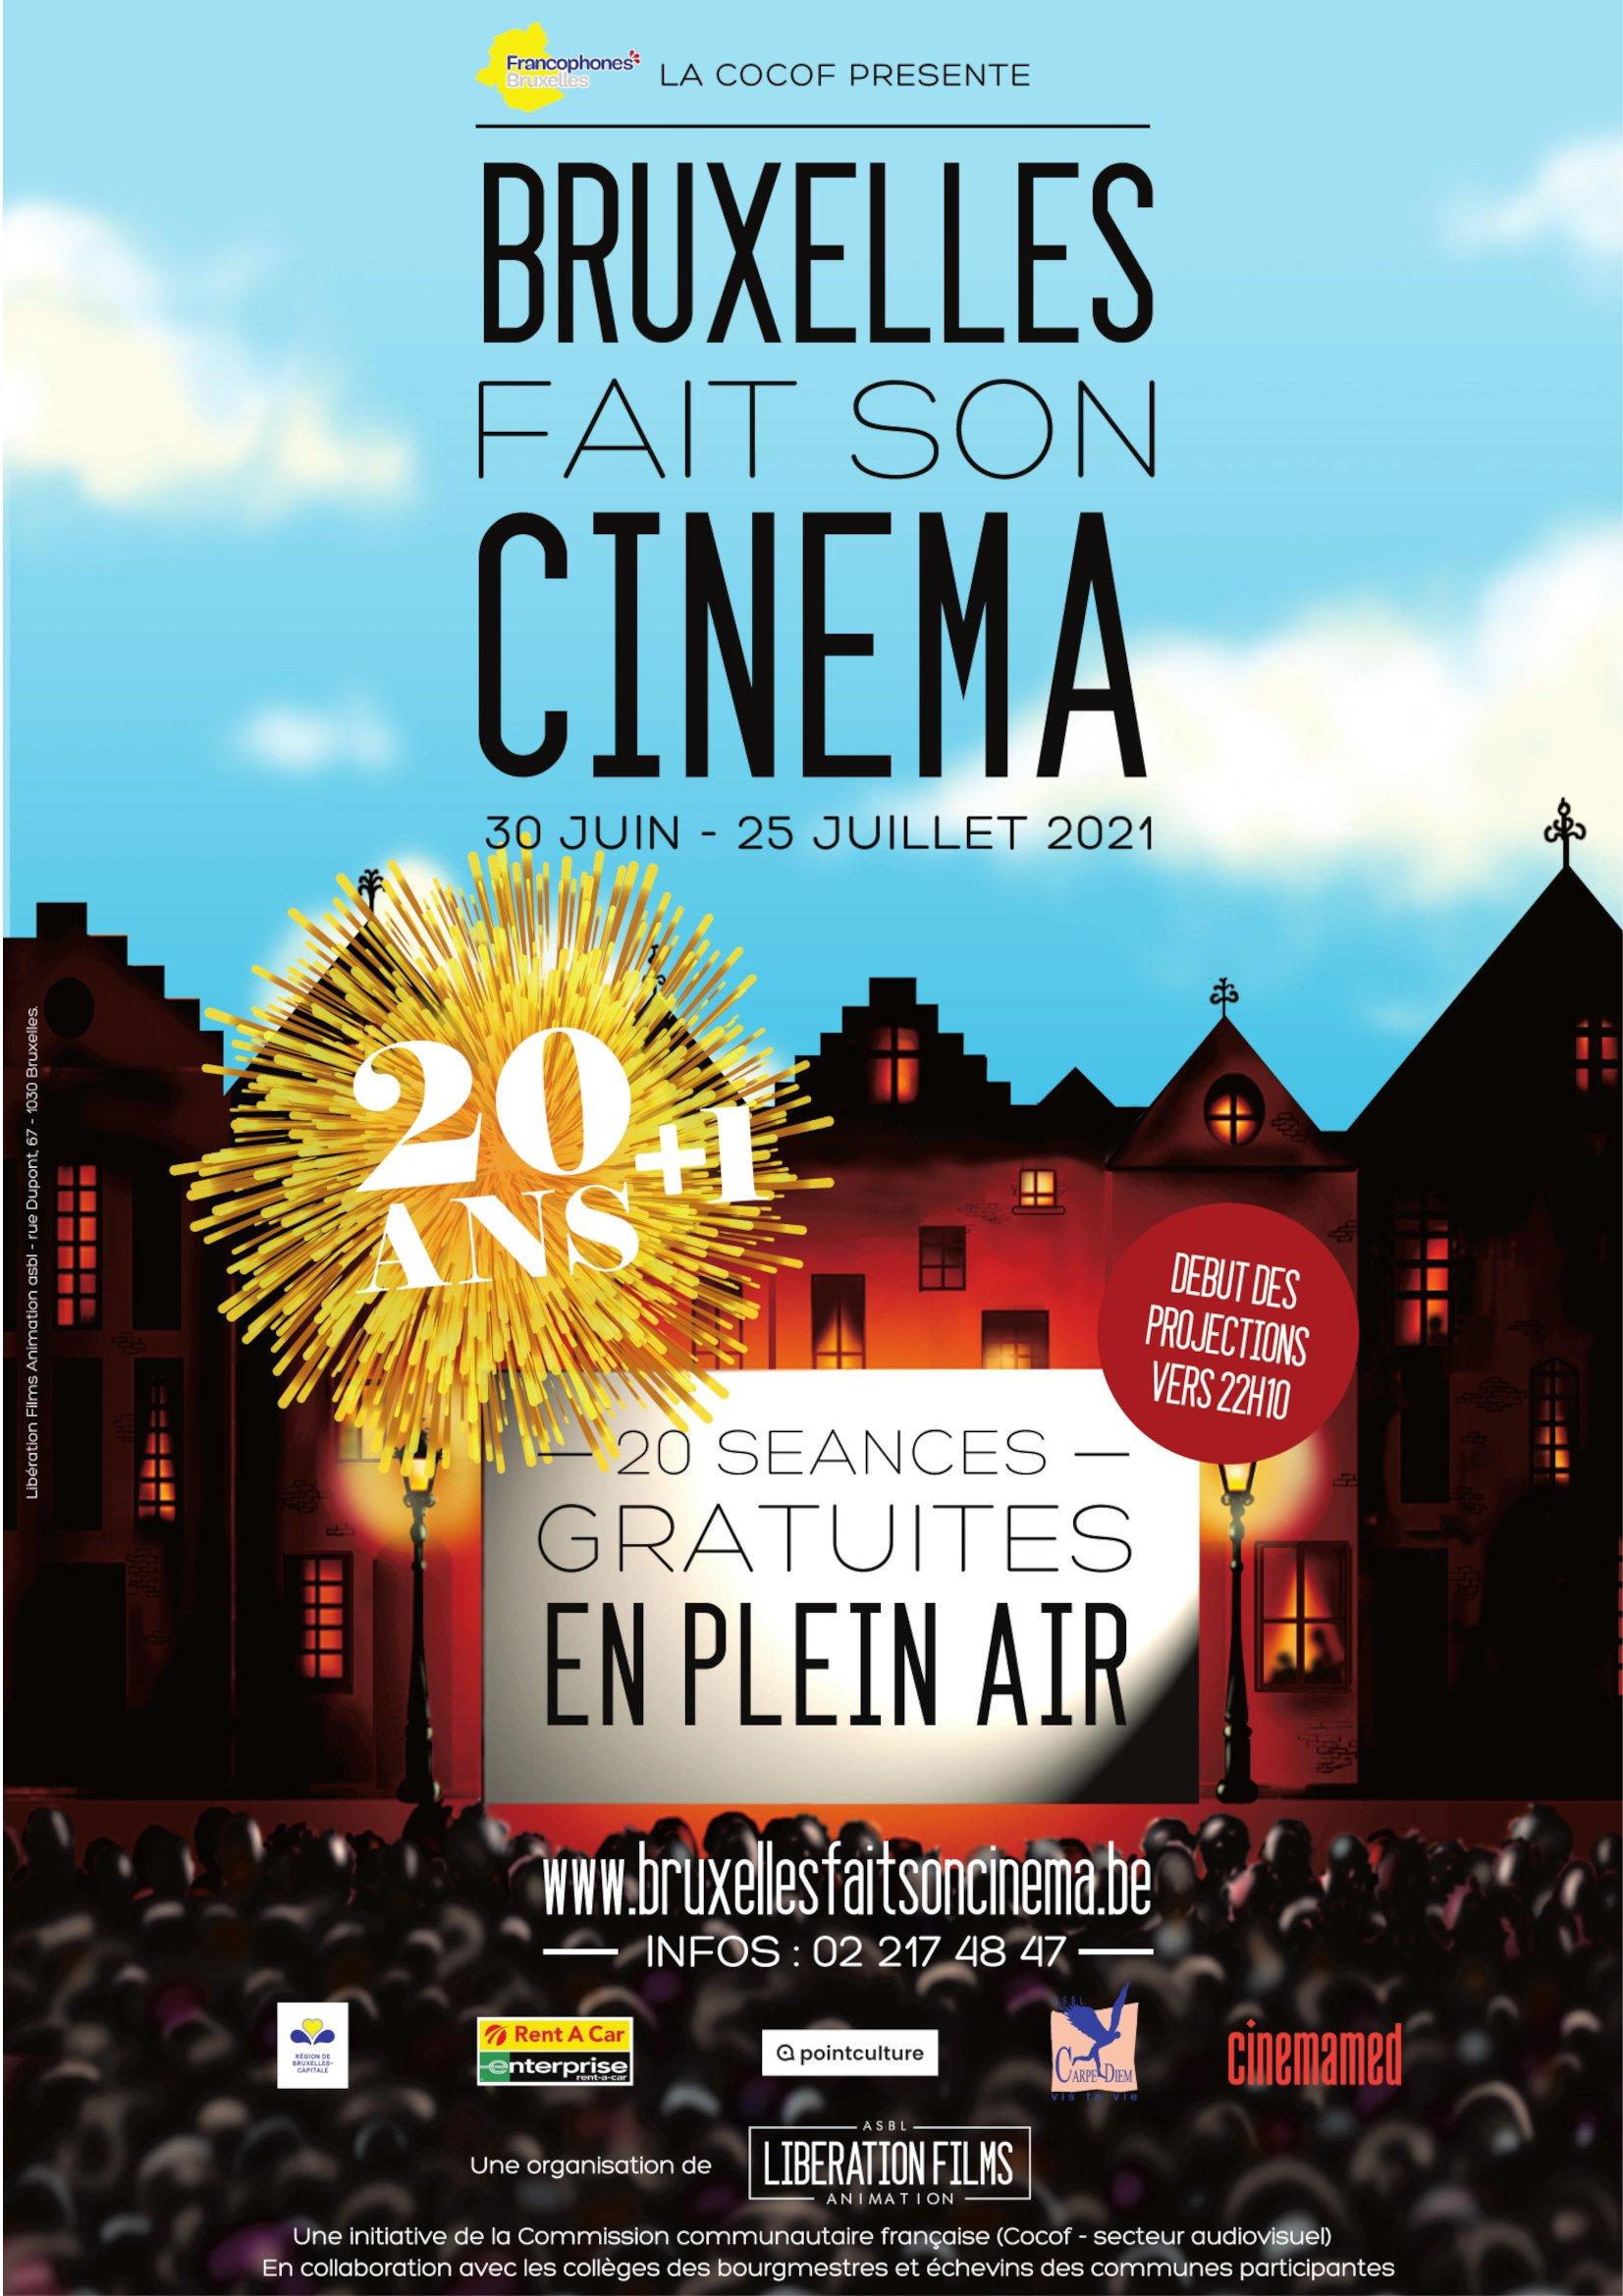 Bruxelles fait son cinéma 2021 poster affiche